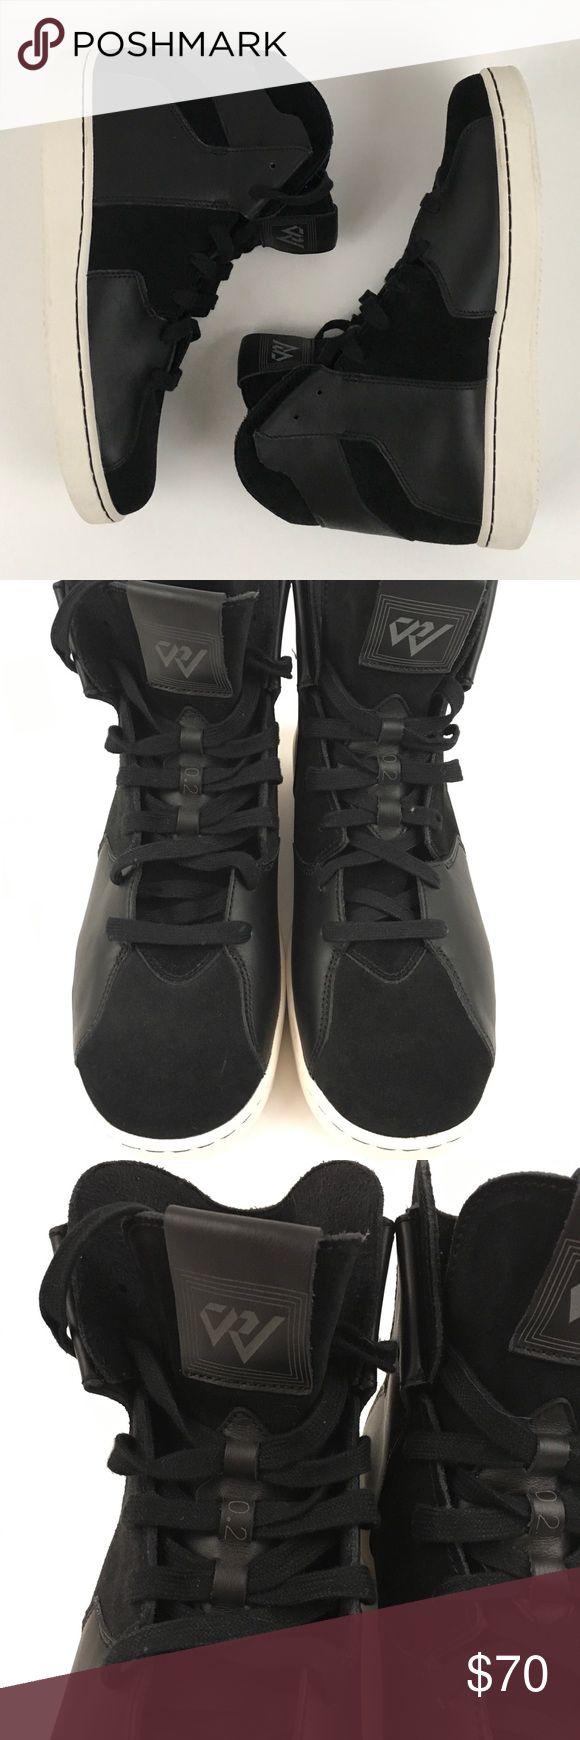 NWOT Jordan Westbrook 0.2 NWOT Jordan Westbrook 0.2 size 9.5. No box Jordan Shoes Athletic Shoes